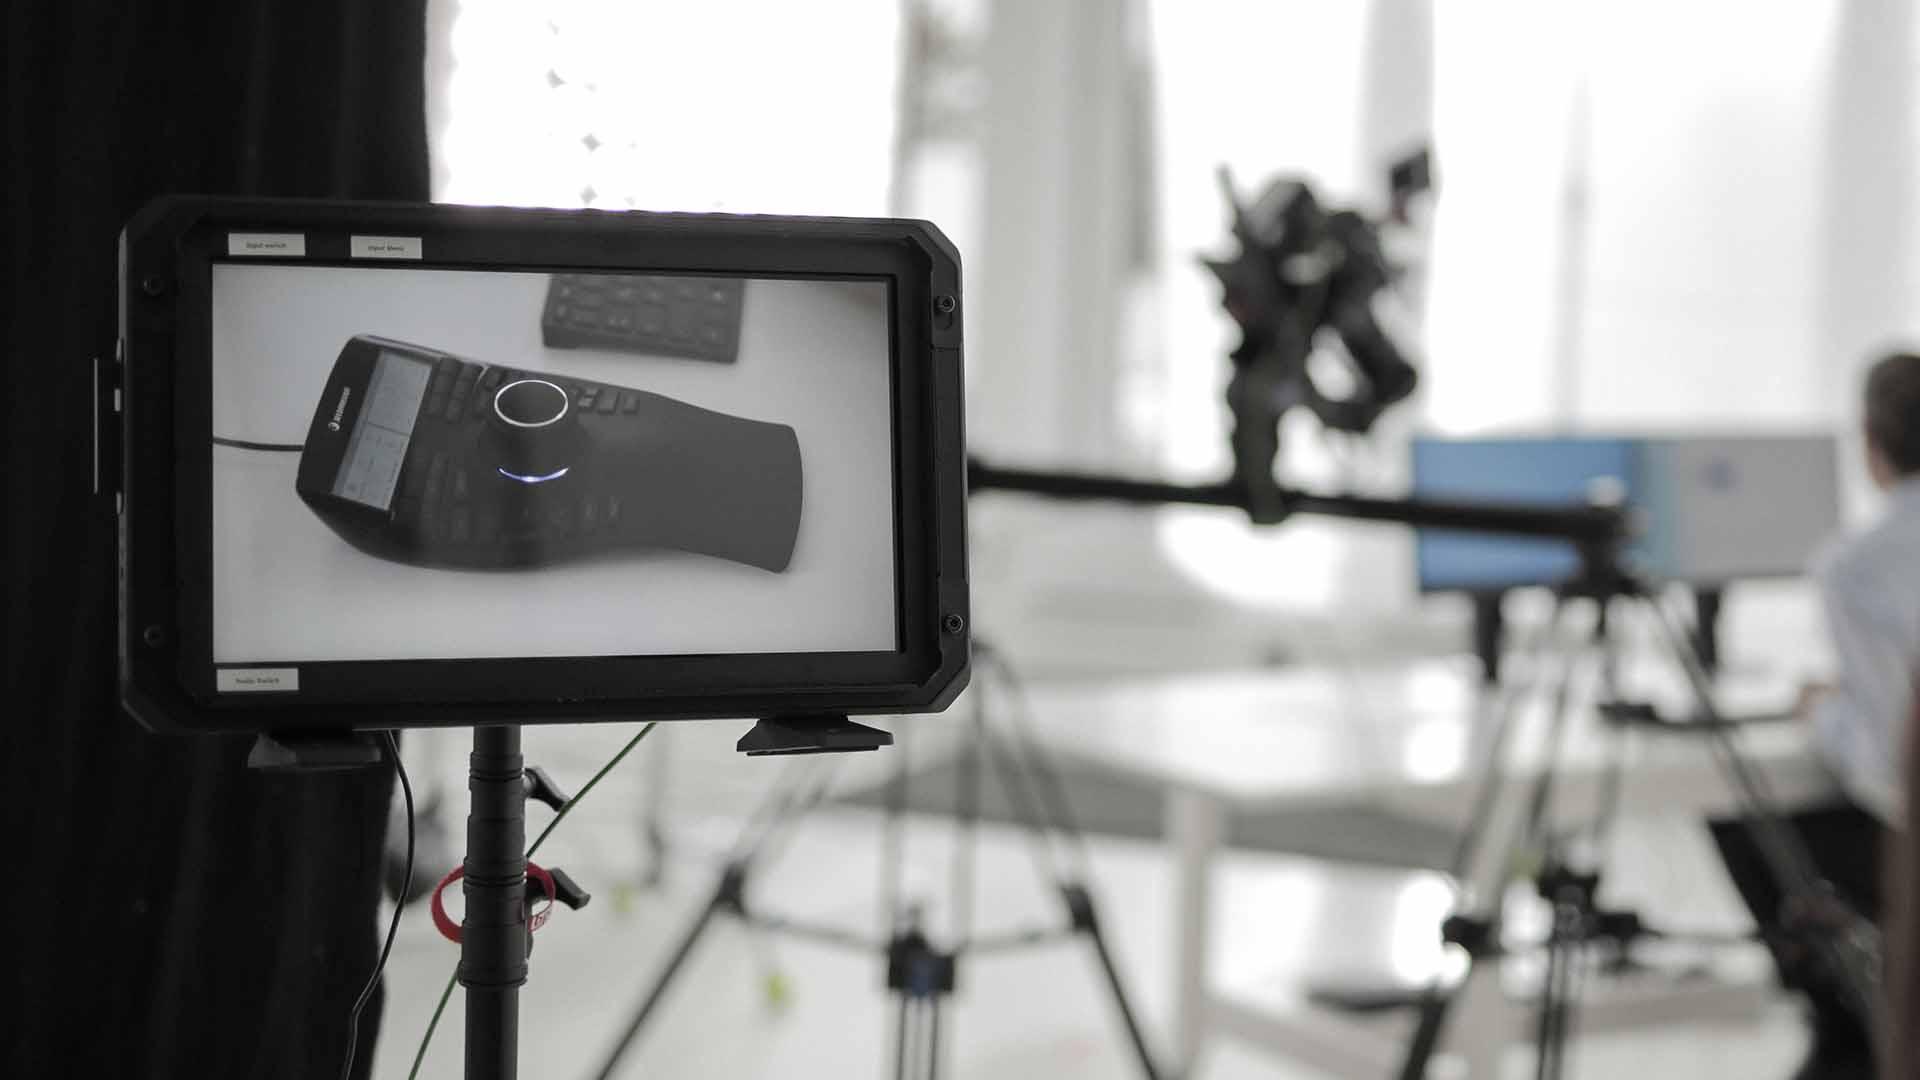 Das Bild zeigt einen Bildschirm. Auf diesem Bildschirm wird das Bild übertragen, das eine Kamera während eines Drehs einfängt. Der Hintergrund des Bildes ist unkenntlich gemacht, da er verschwommen ist. Nur der Bildschirm ist scharf gestellt. Das Bild dient als Sliderbild für den Portfolioeintrag 3Dconnexion SpaceMouse von Panda Pictures.